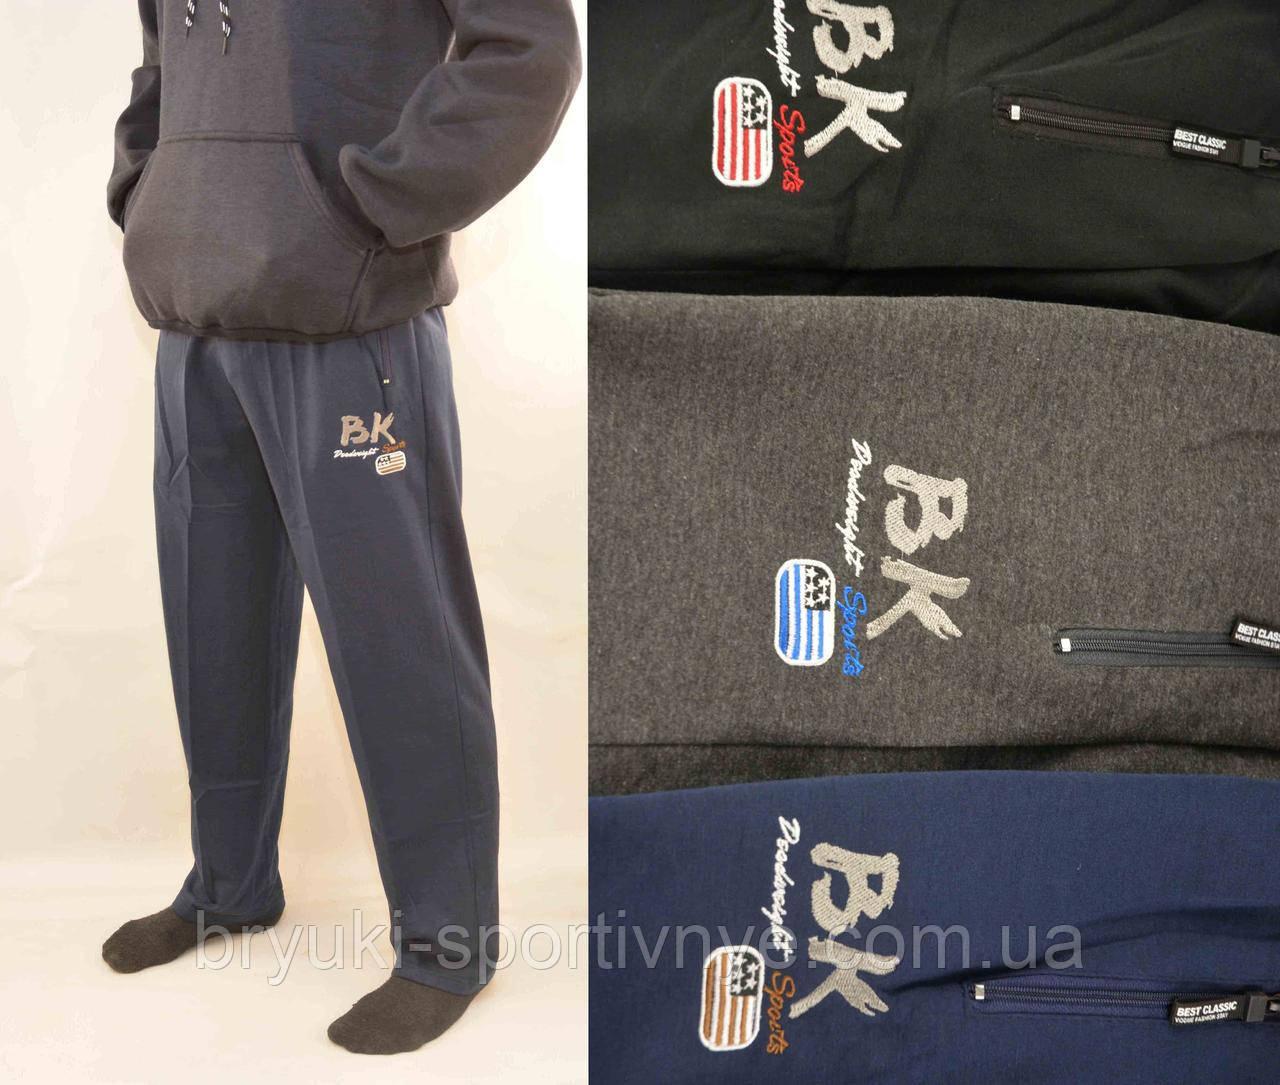 Штаны спортивные мужские трикотажные с молниями на карманах Tovta ( Венгрия ) M Черный